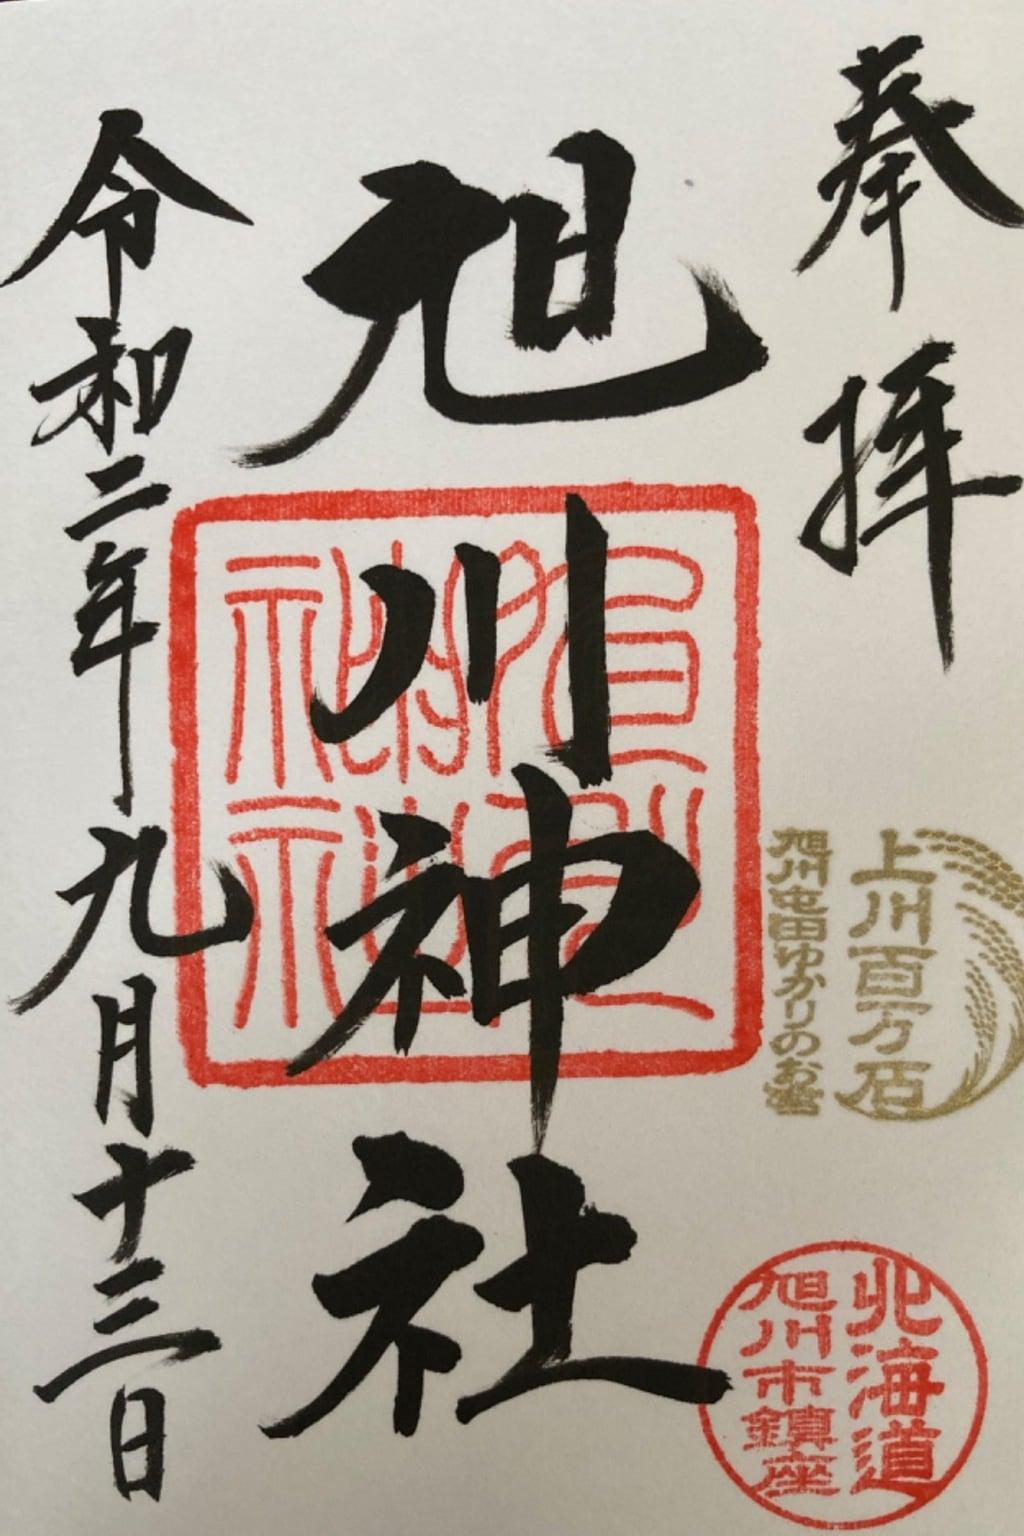 旭川神社の御朱印